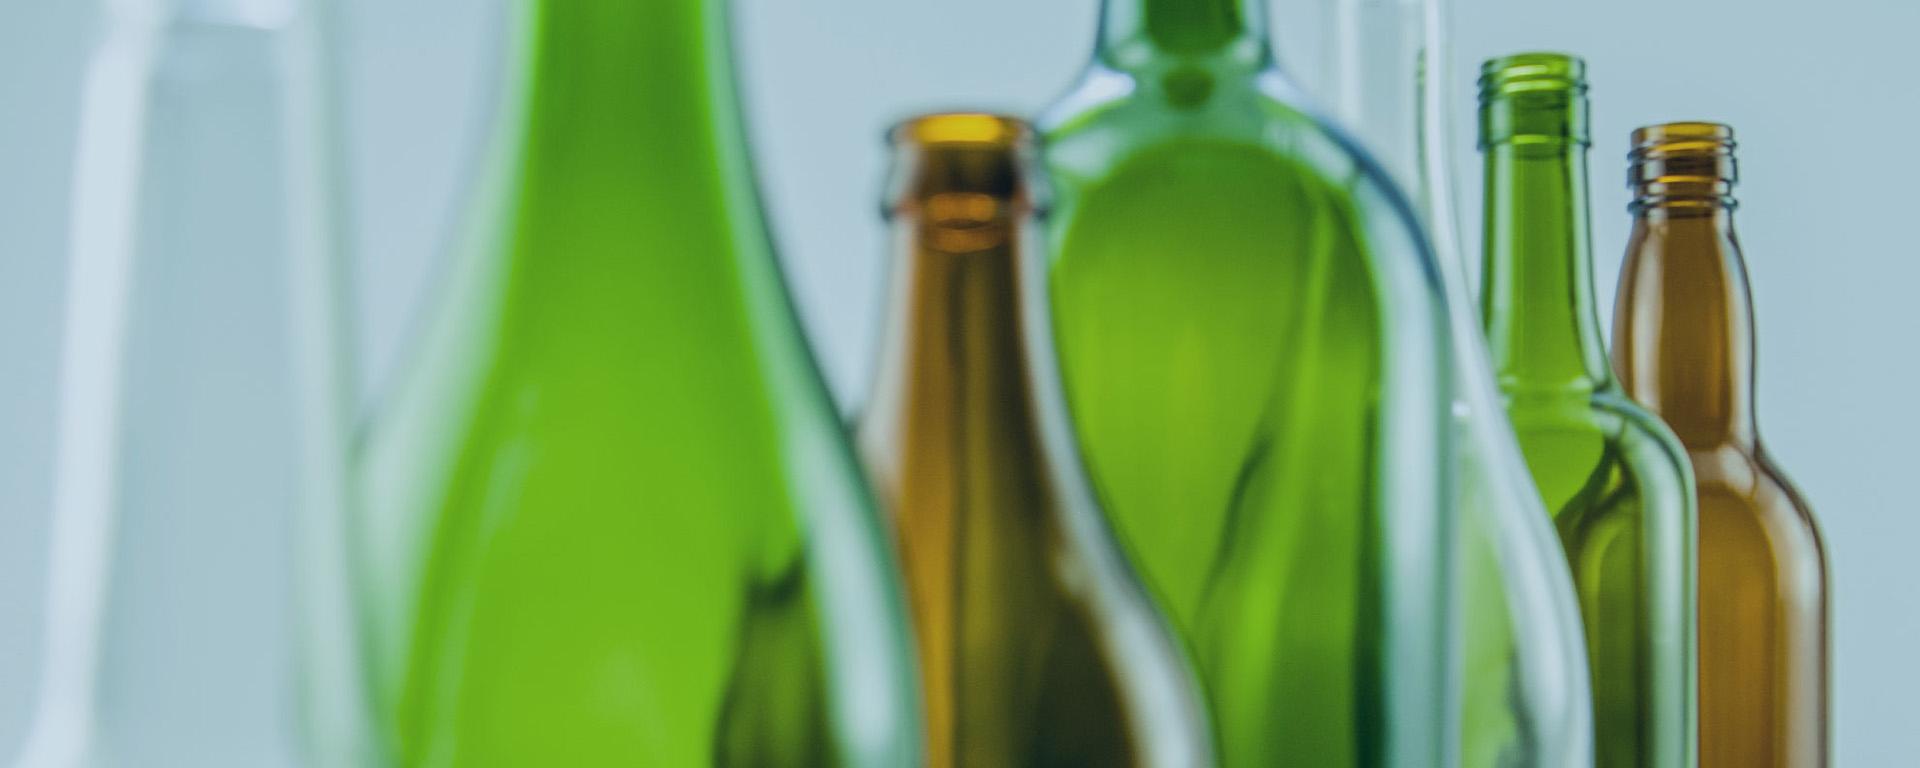 玻璃瓶罐制品检测仪器